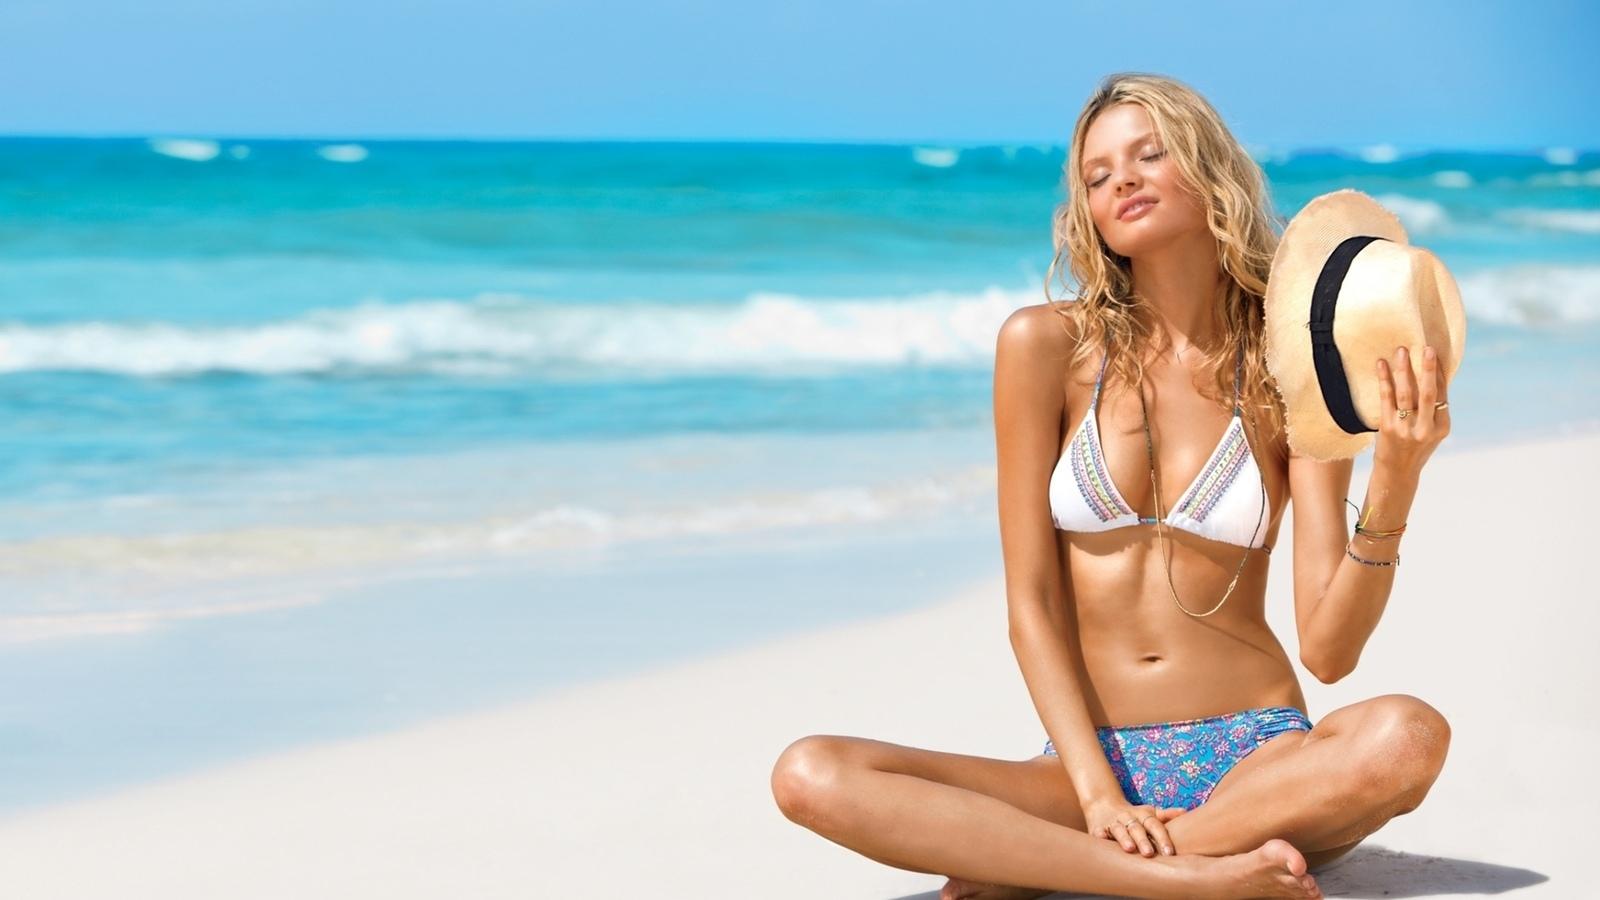 Секс порно красивых девушек на курортных пляжах